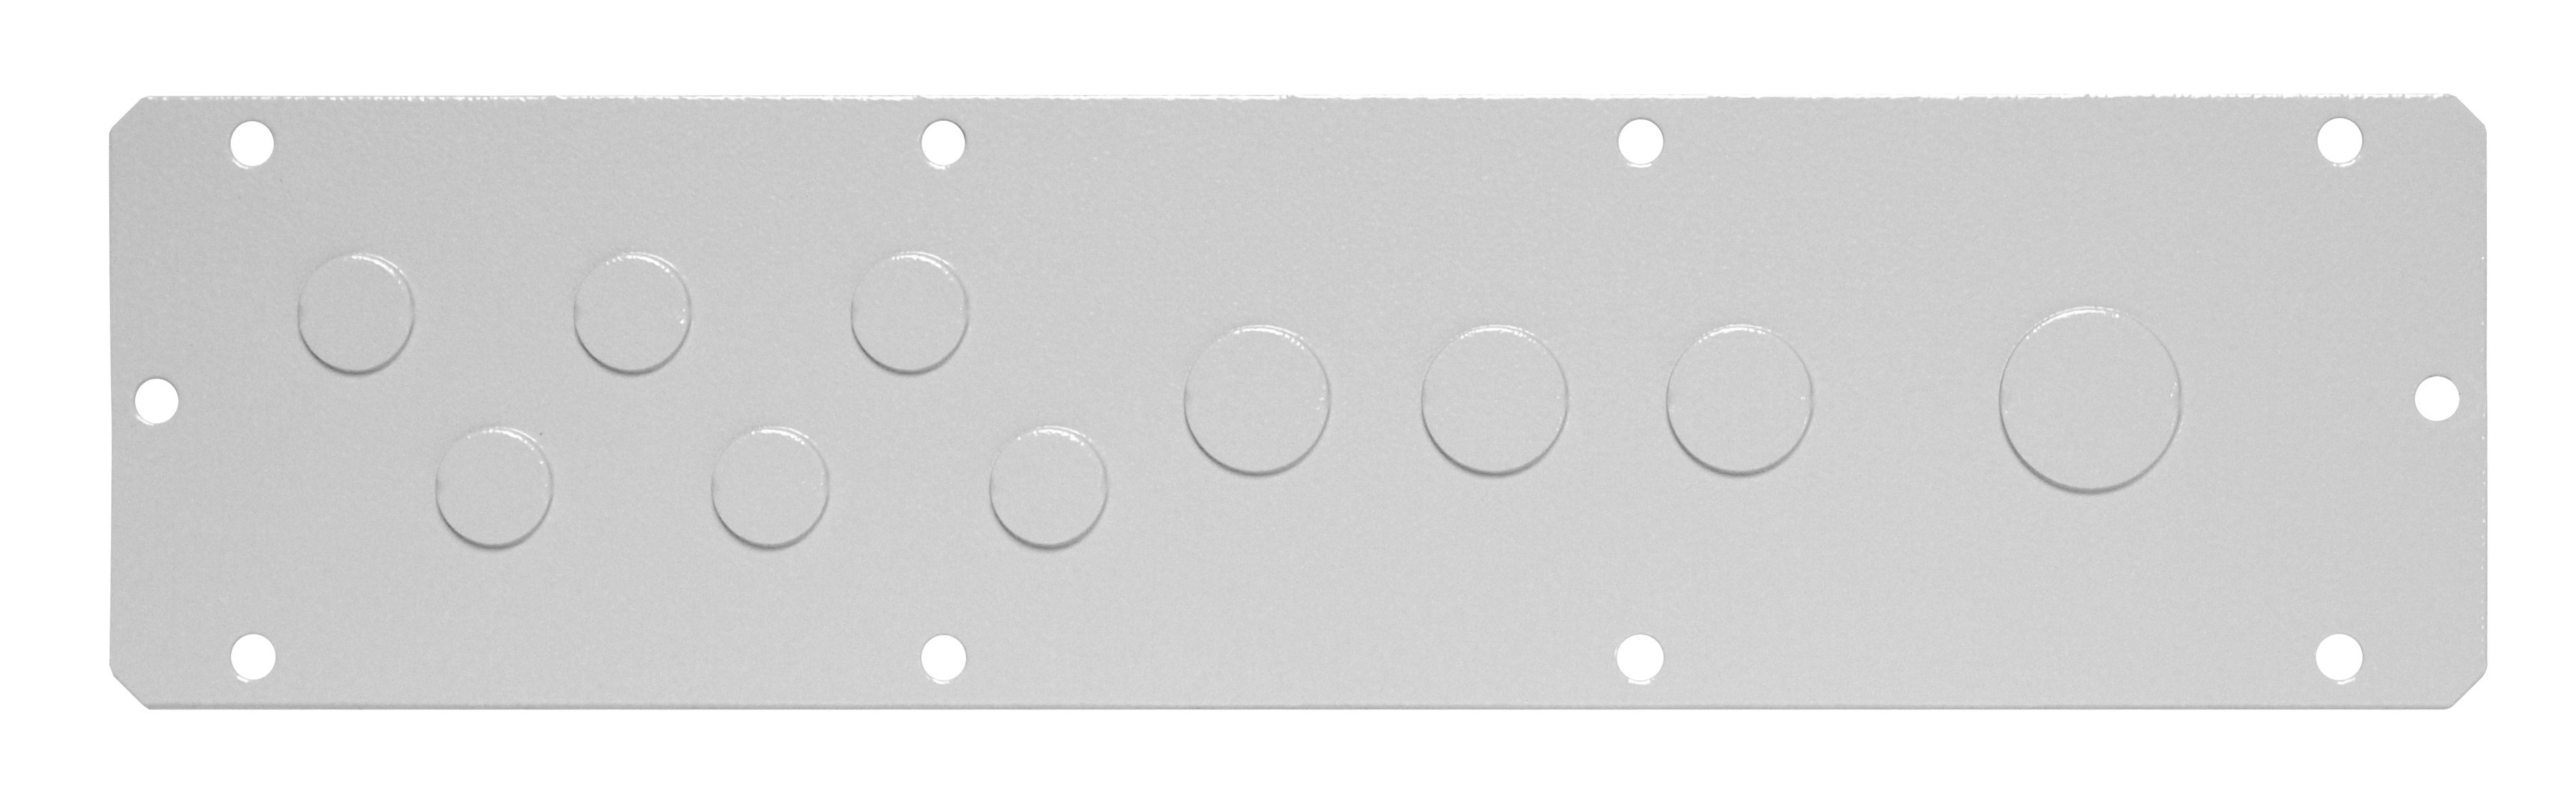 1 Stk Flansch 310x56, Ausprägung 6xM16, 3xM20, 1xM25 WSFA0021--